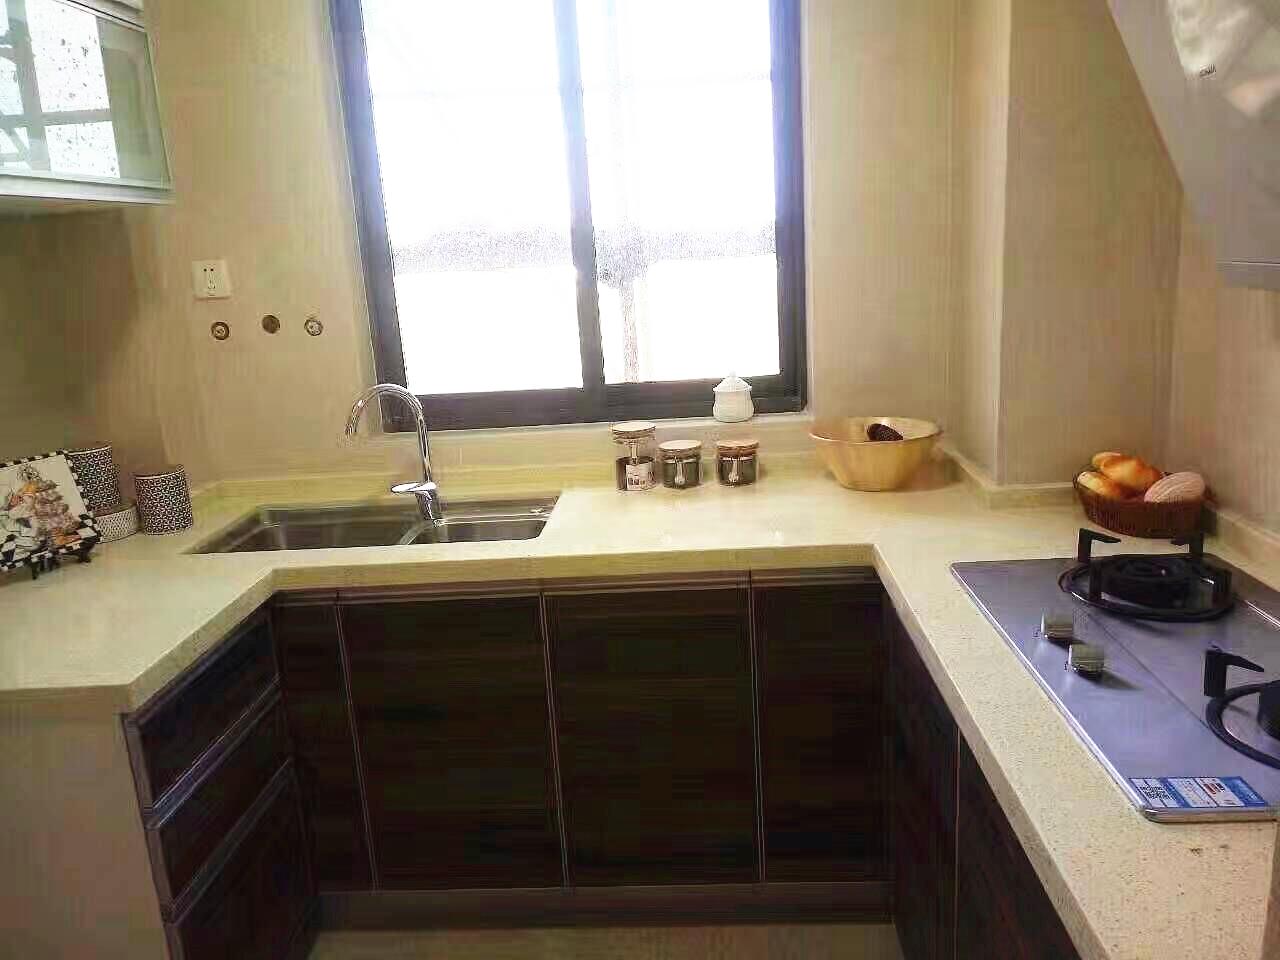 卫生间铺贴简单样式的瓷砖,卫生间设计摒弃了浴缸设计,换成了实用淋浴。